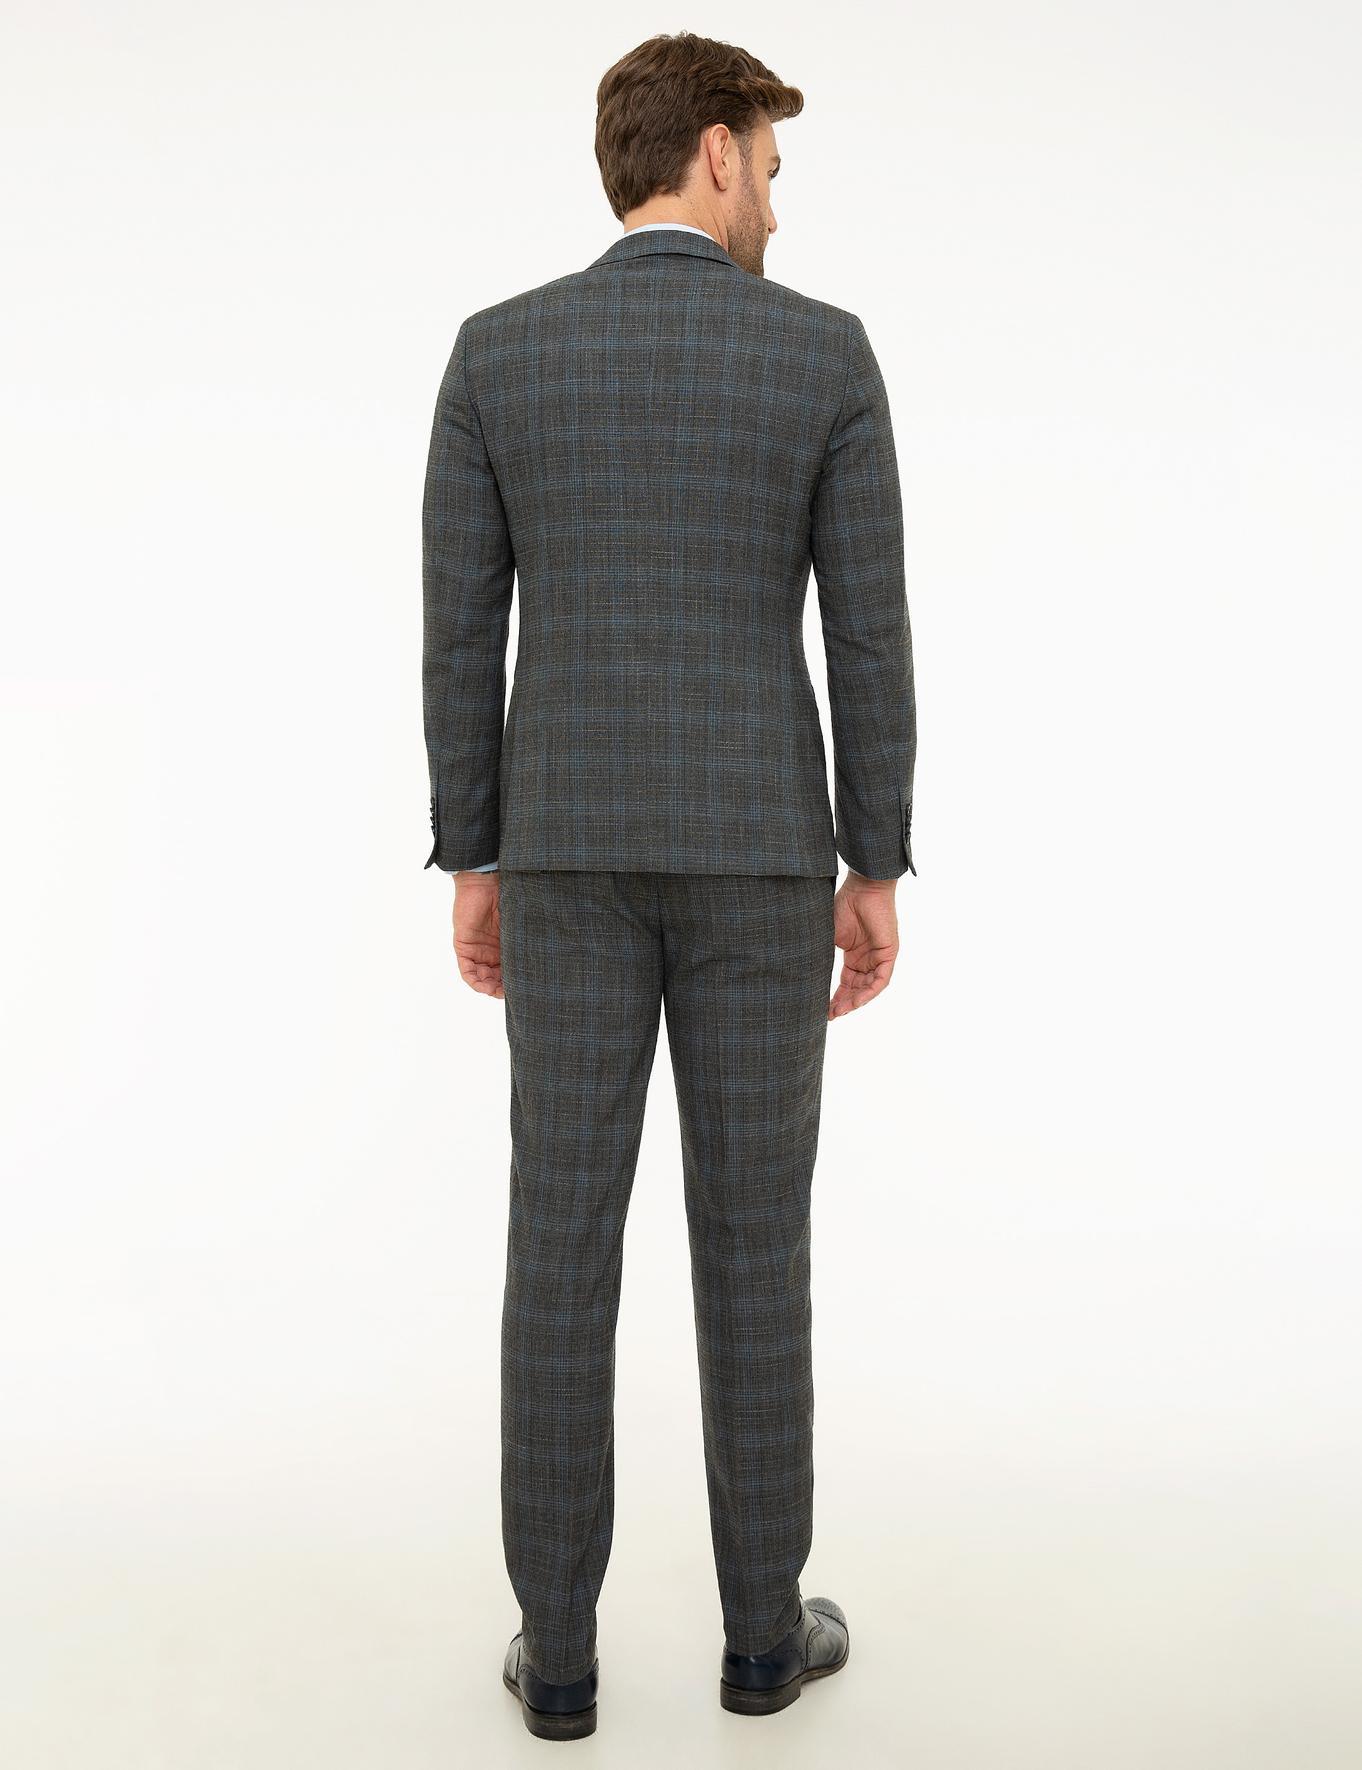 Ekose Füme Ekstra Slim Fit Takım Elbise